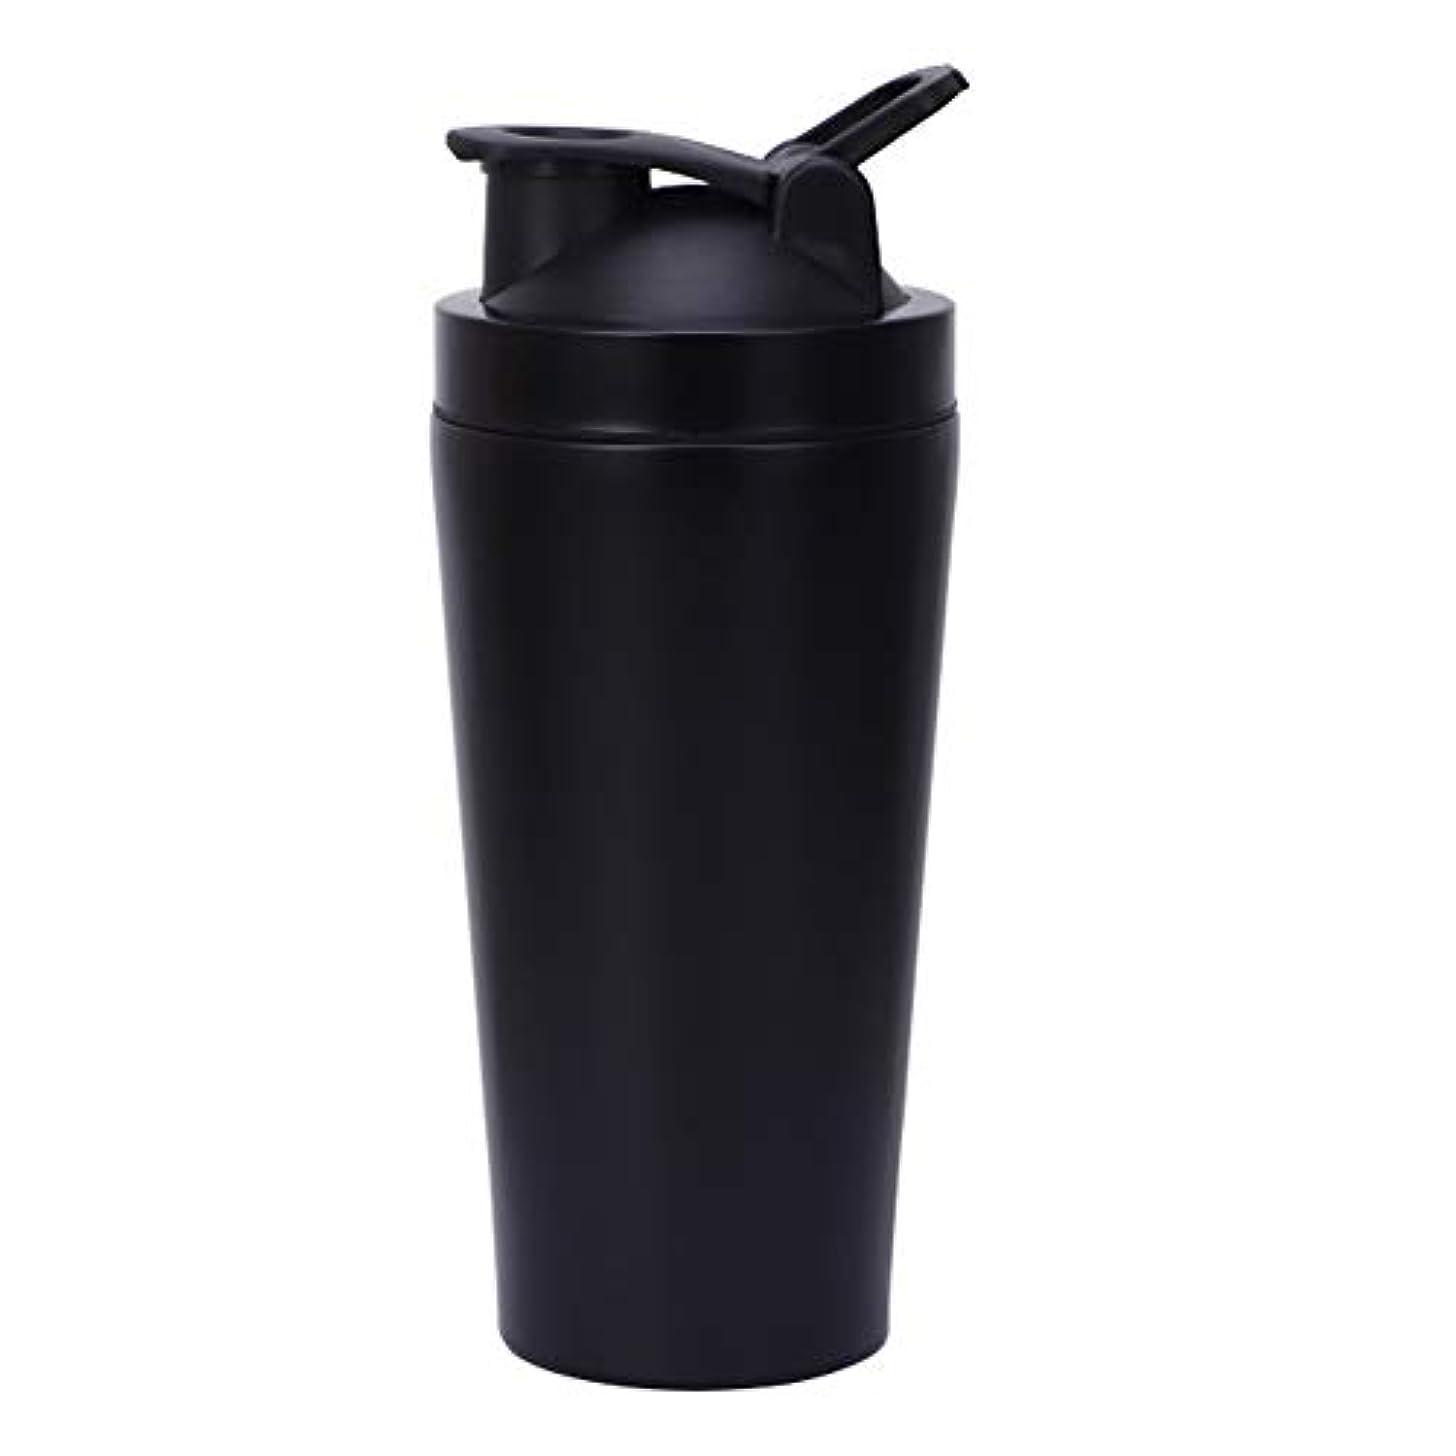 難しいチート同盟Dkhsyシェーカーボトルステンレスシェーカーボトルホーム絶縁シェーカーボトルフィットネスシェーカーボトル